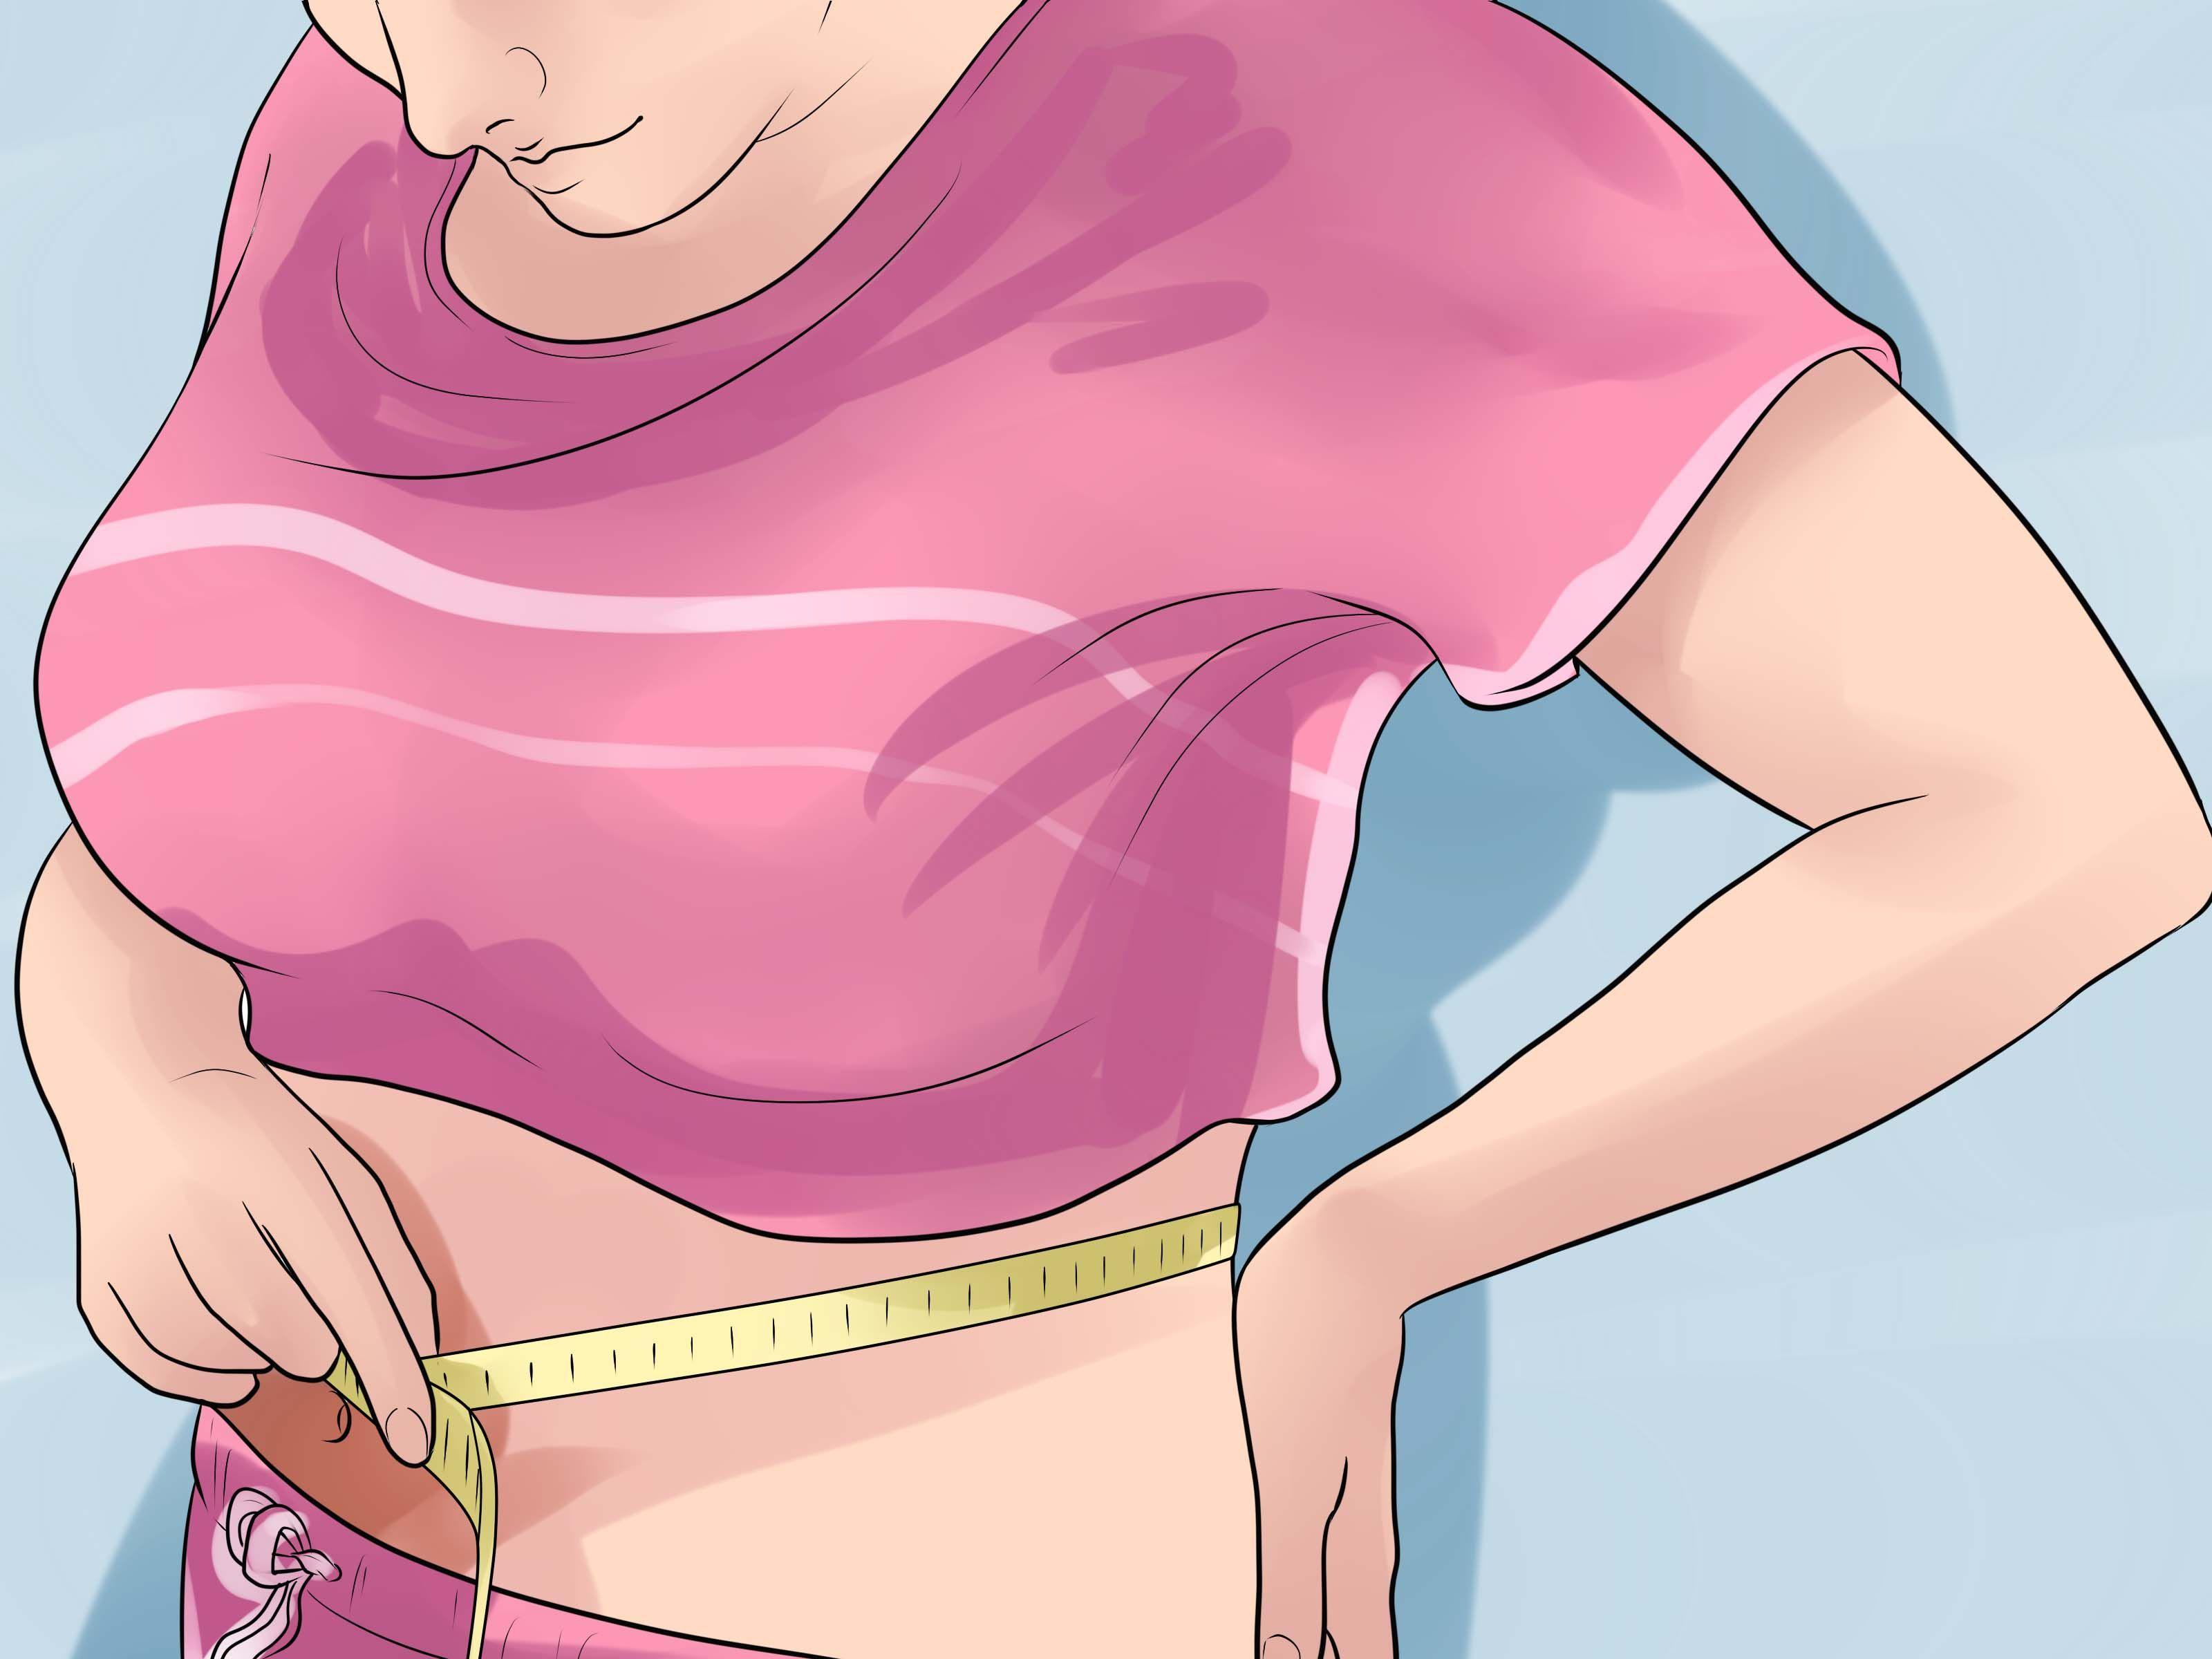 Otthoni edzes fenekre - Zsírégető rutin otthon